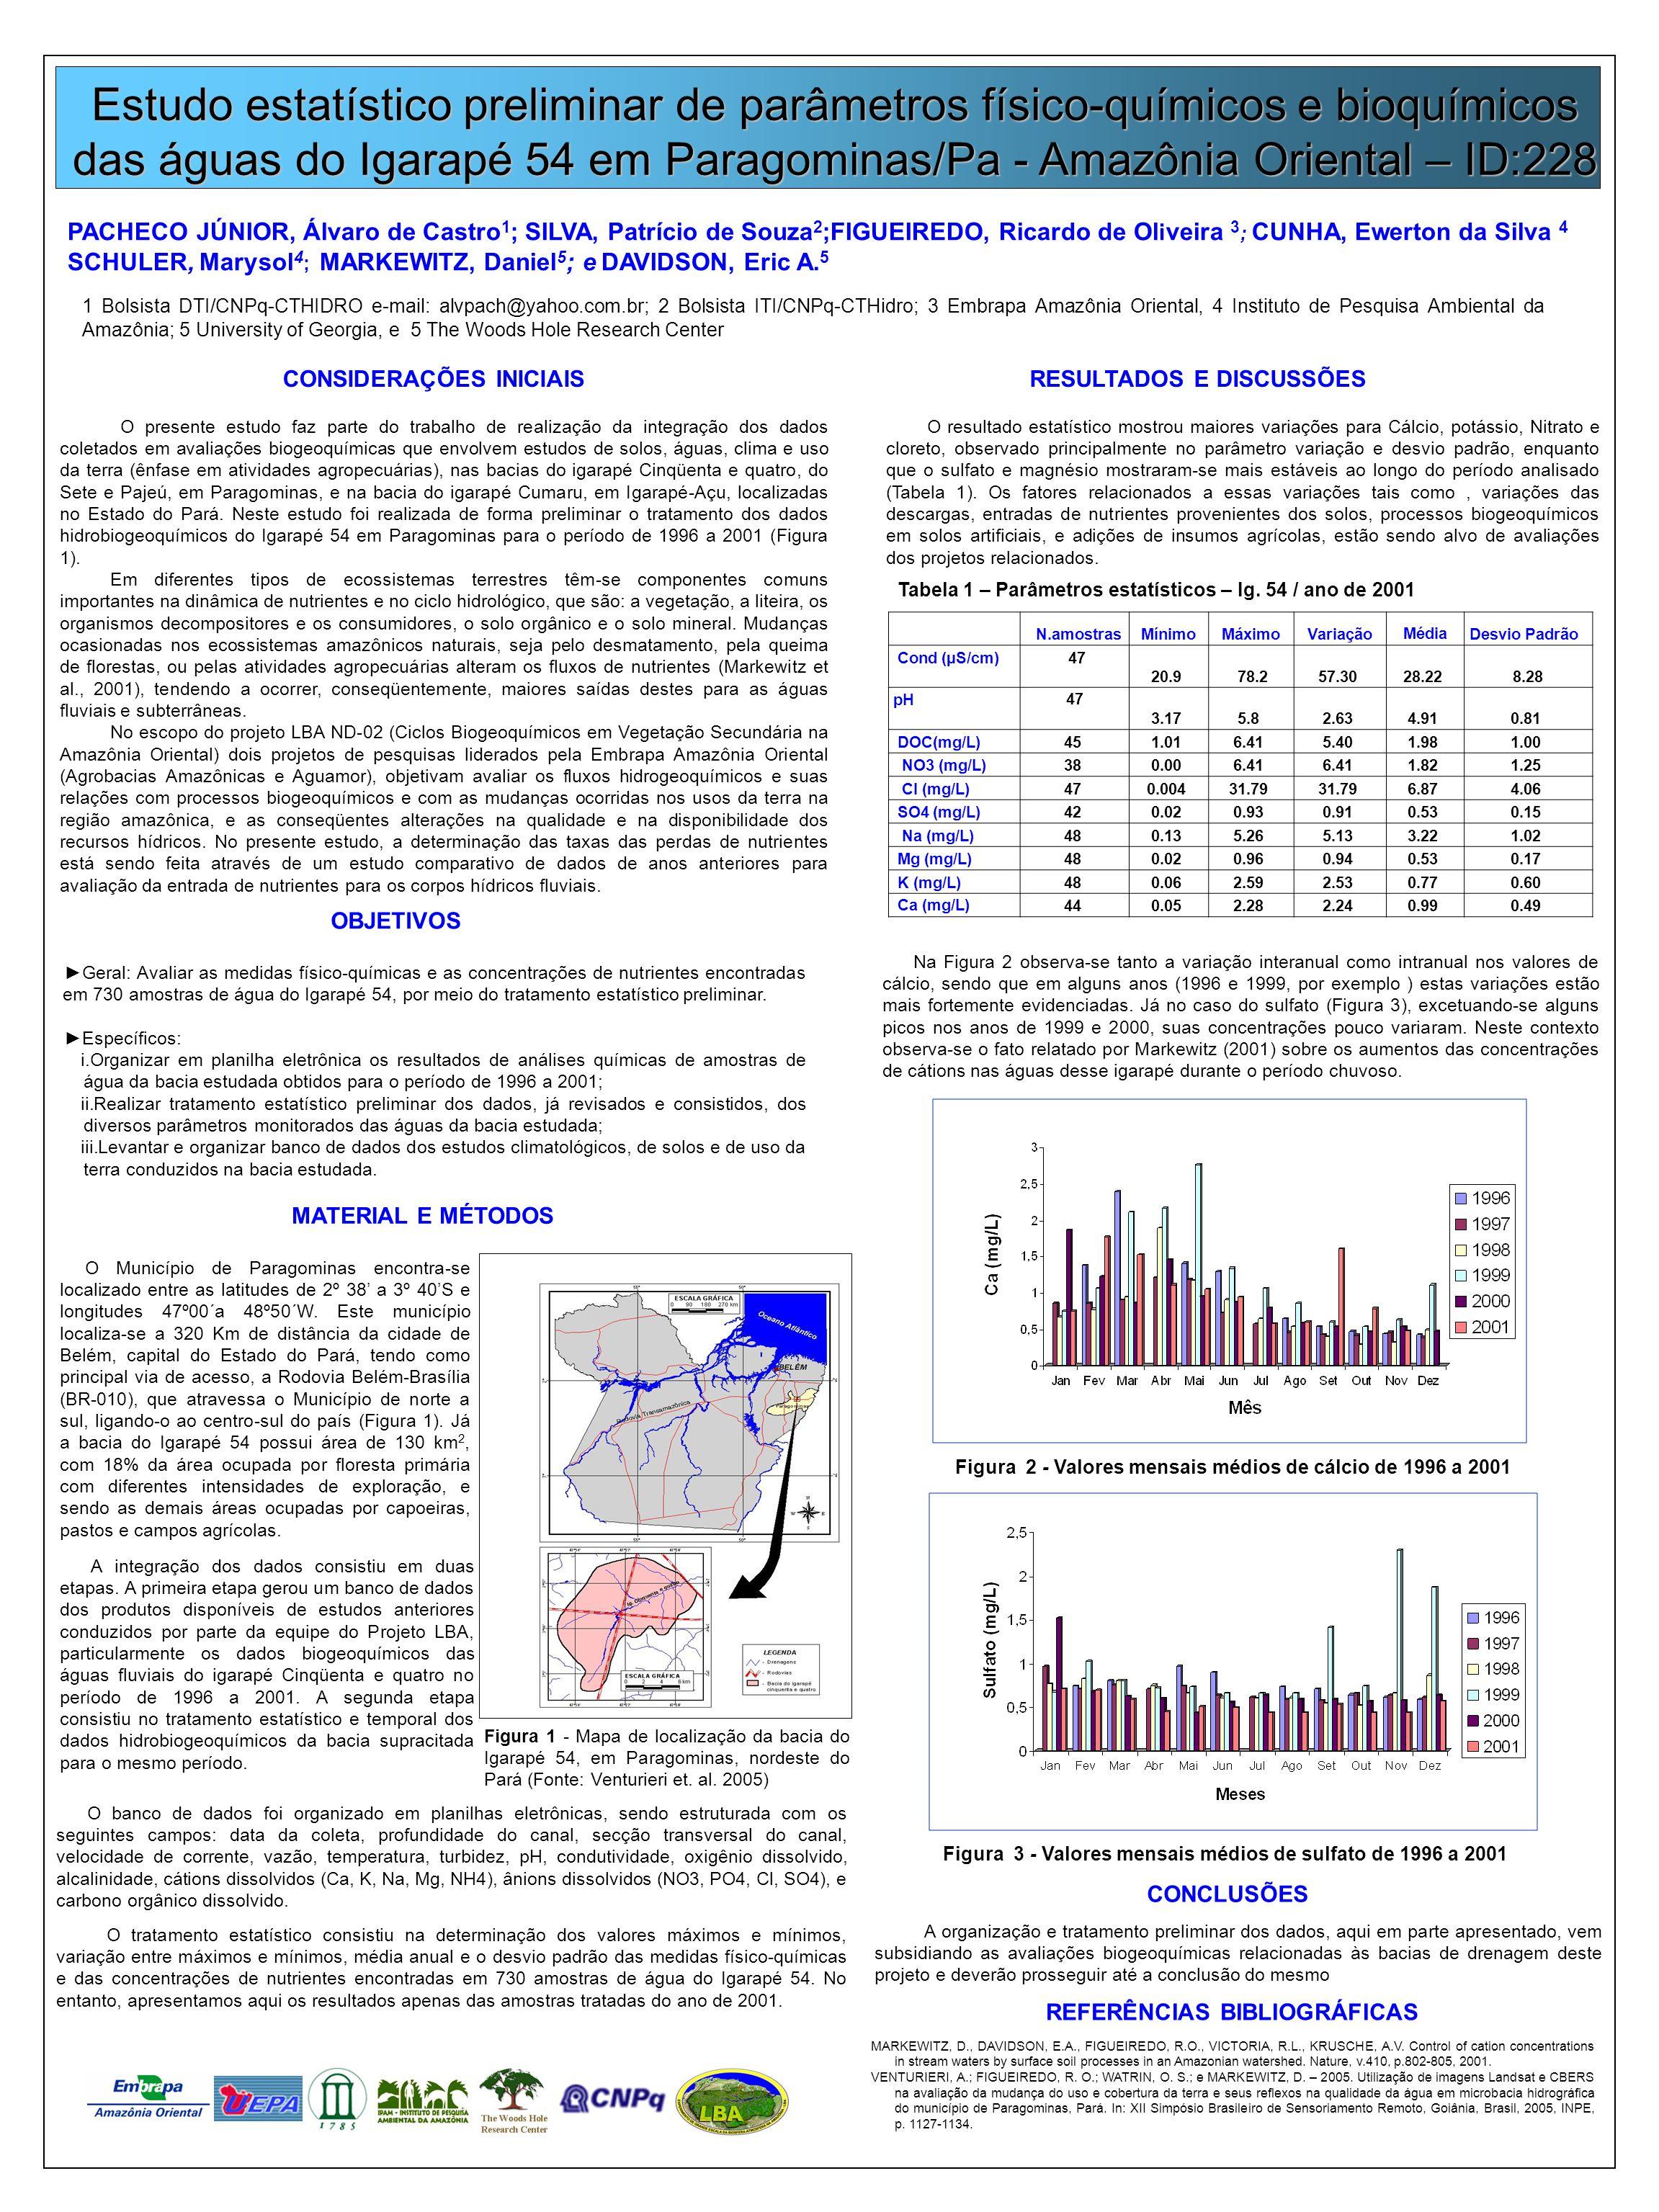 Estudo estatístico preliminar de parâmetros físico-químicos e bioquímicos das águas do Igarapé 54 em Paragominas/Pa - Amazônia Oriental – ID:228